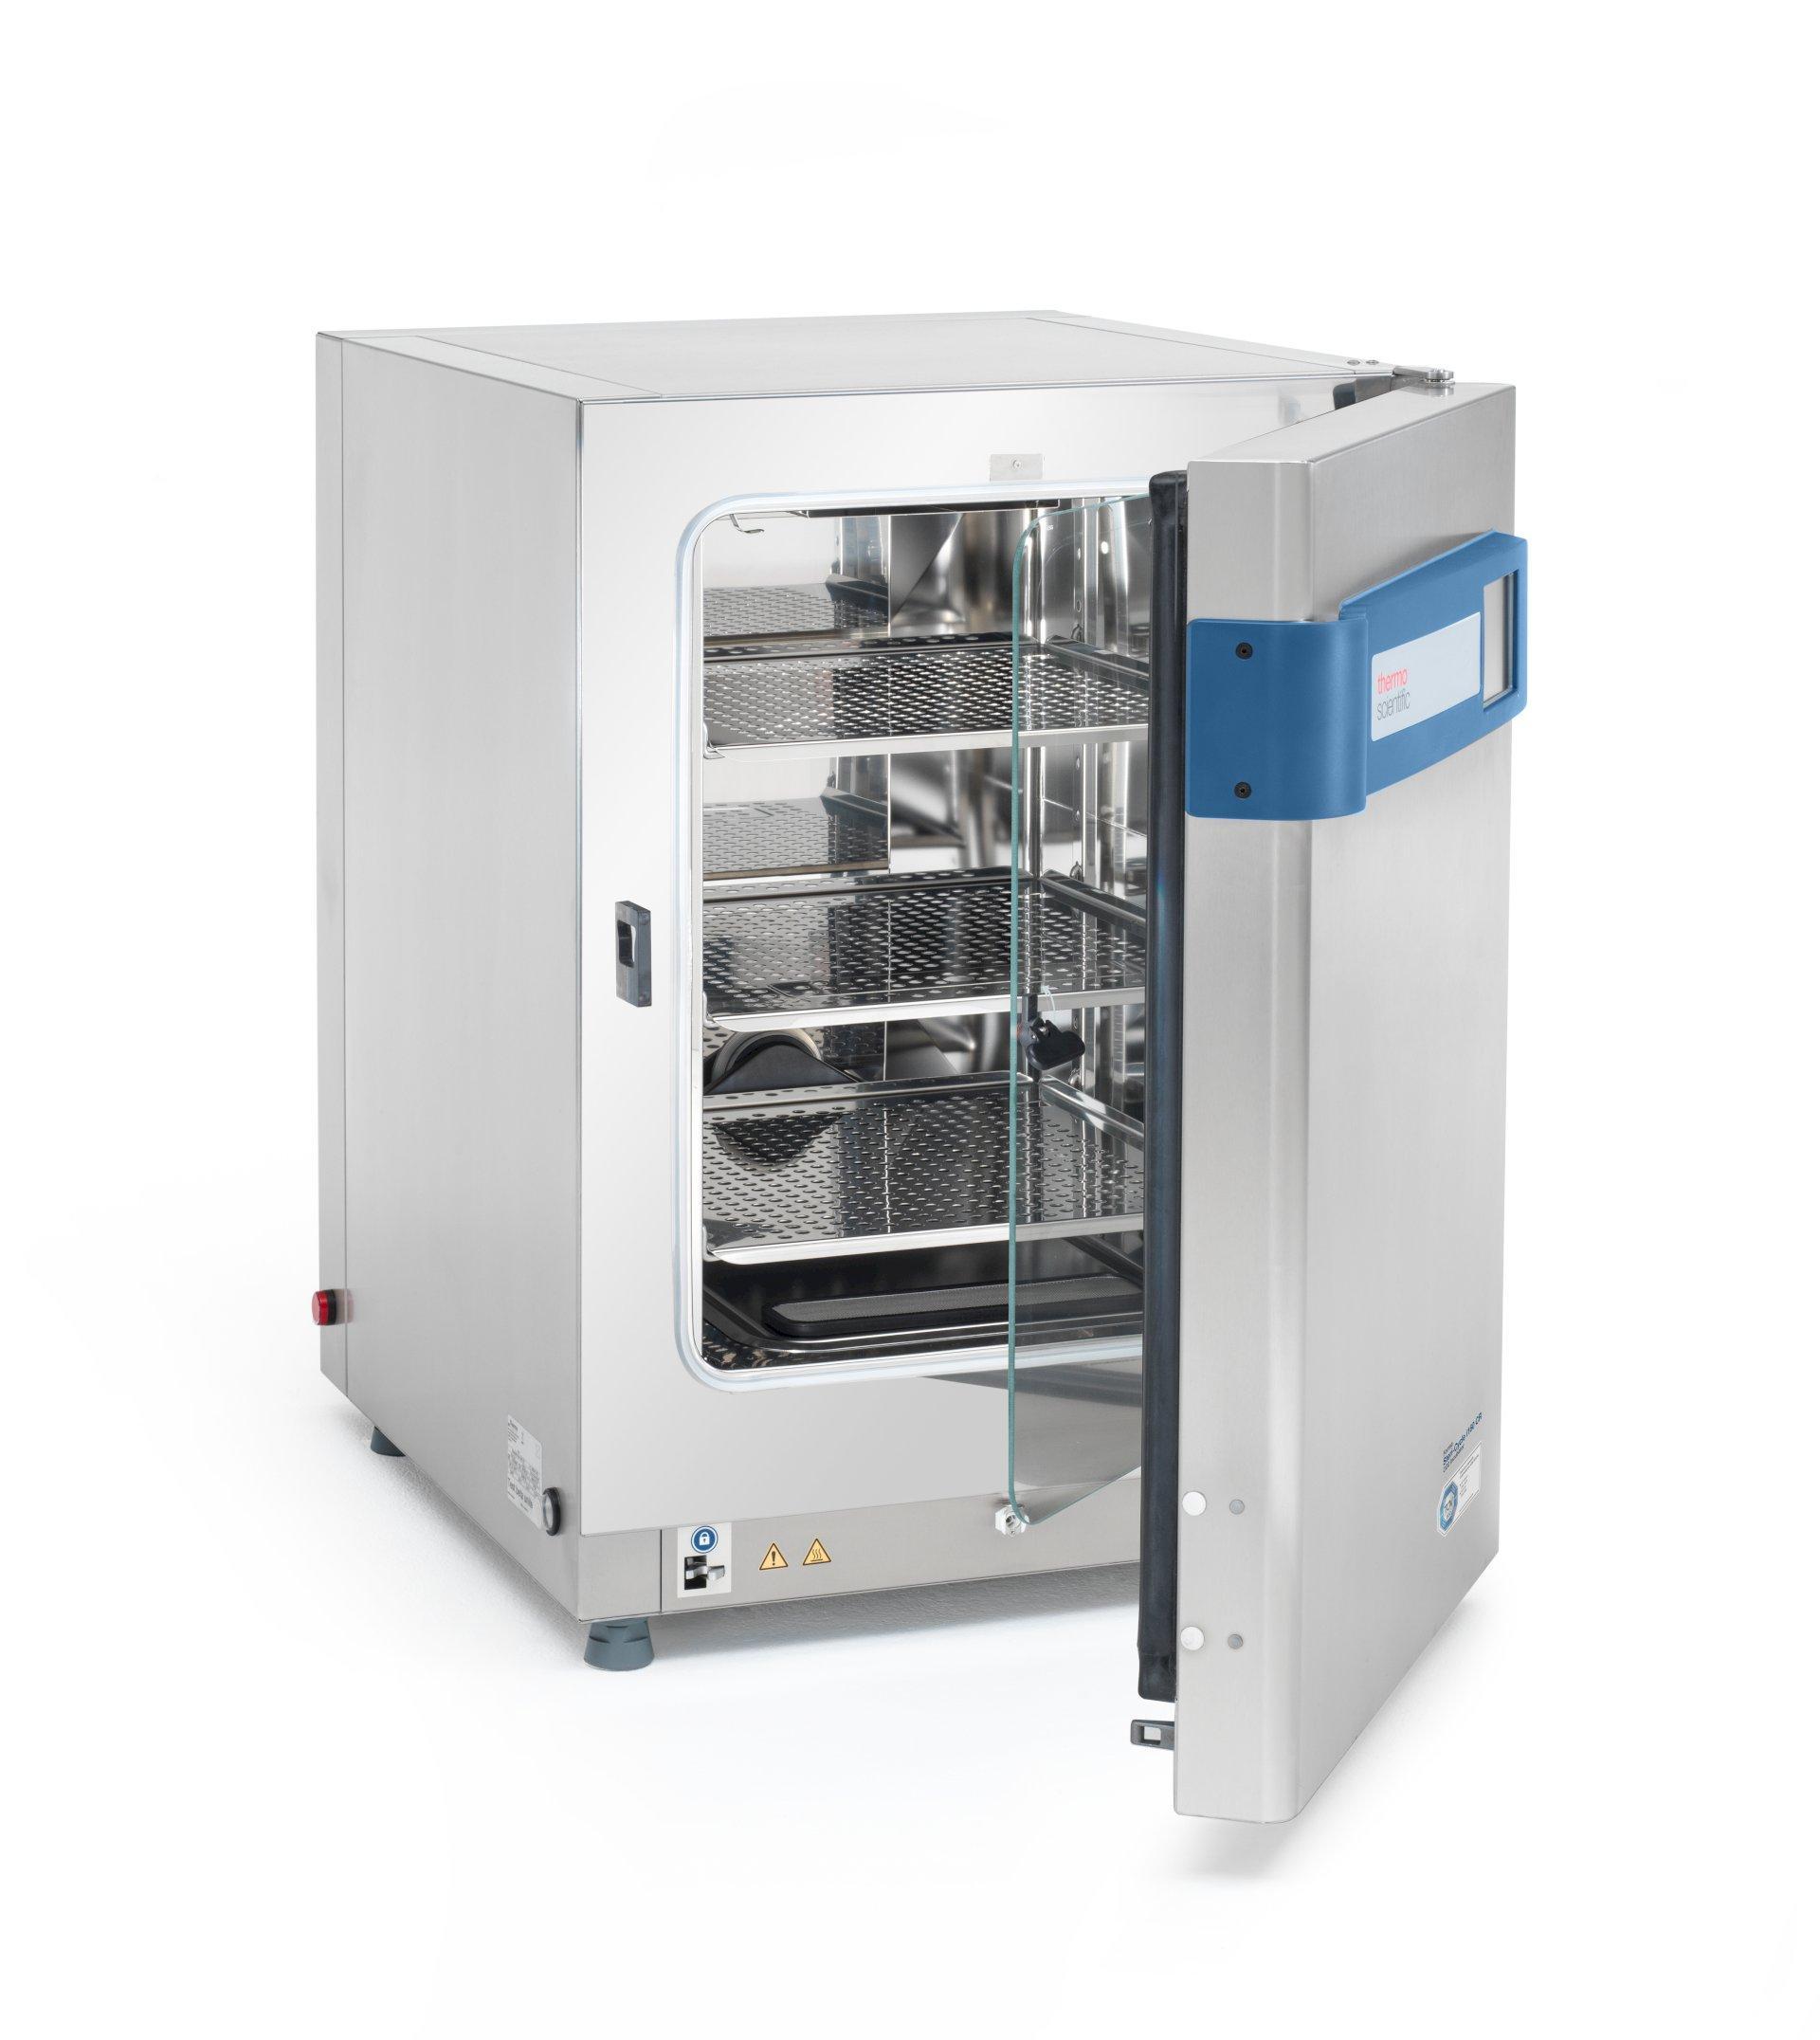 Eerste gecertificeerde cleanroom CO2-Incubator op de markt gebracht